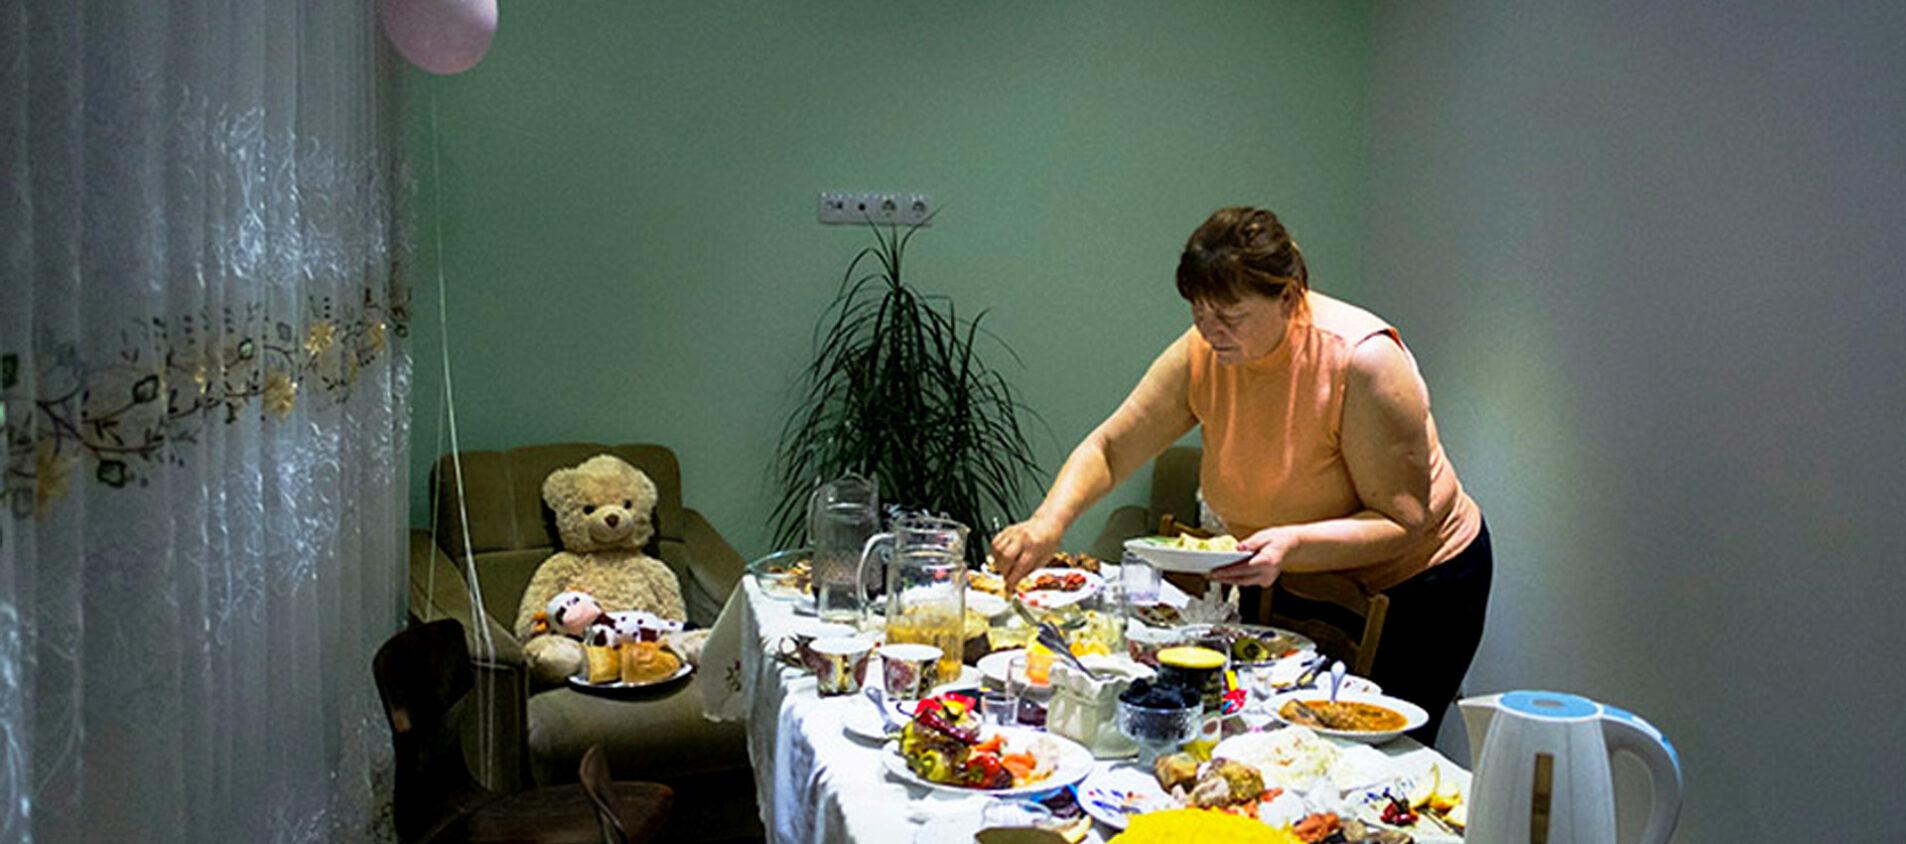 Beatrice måste bli klar med sina läxor innan middagen är klar. Då blir skrivbordet ett middagsbord som hela familjen fyller med mat.